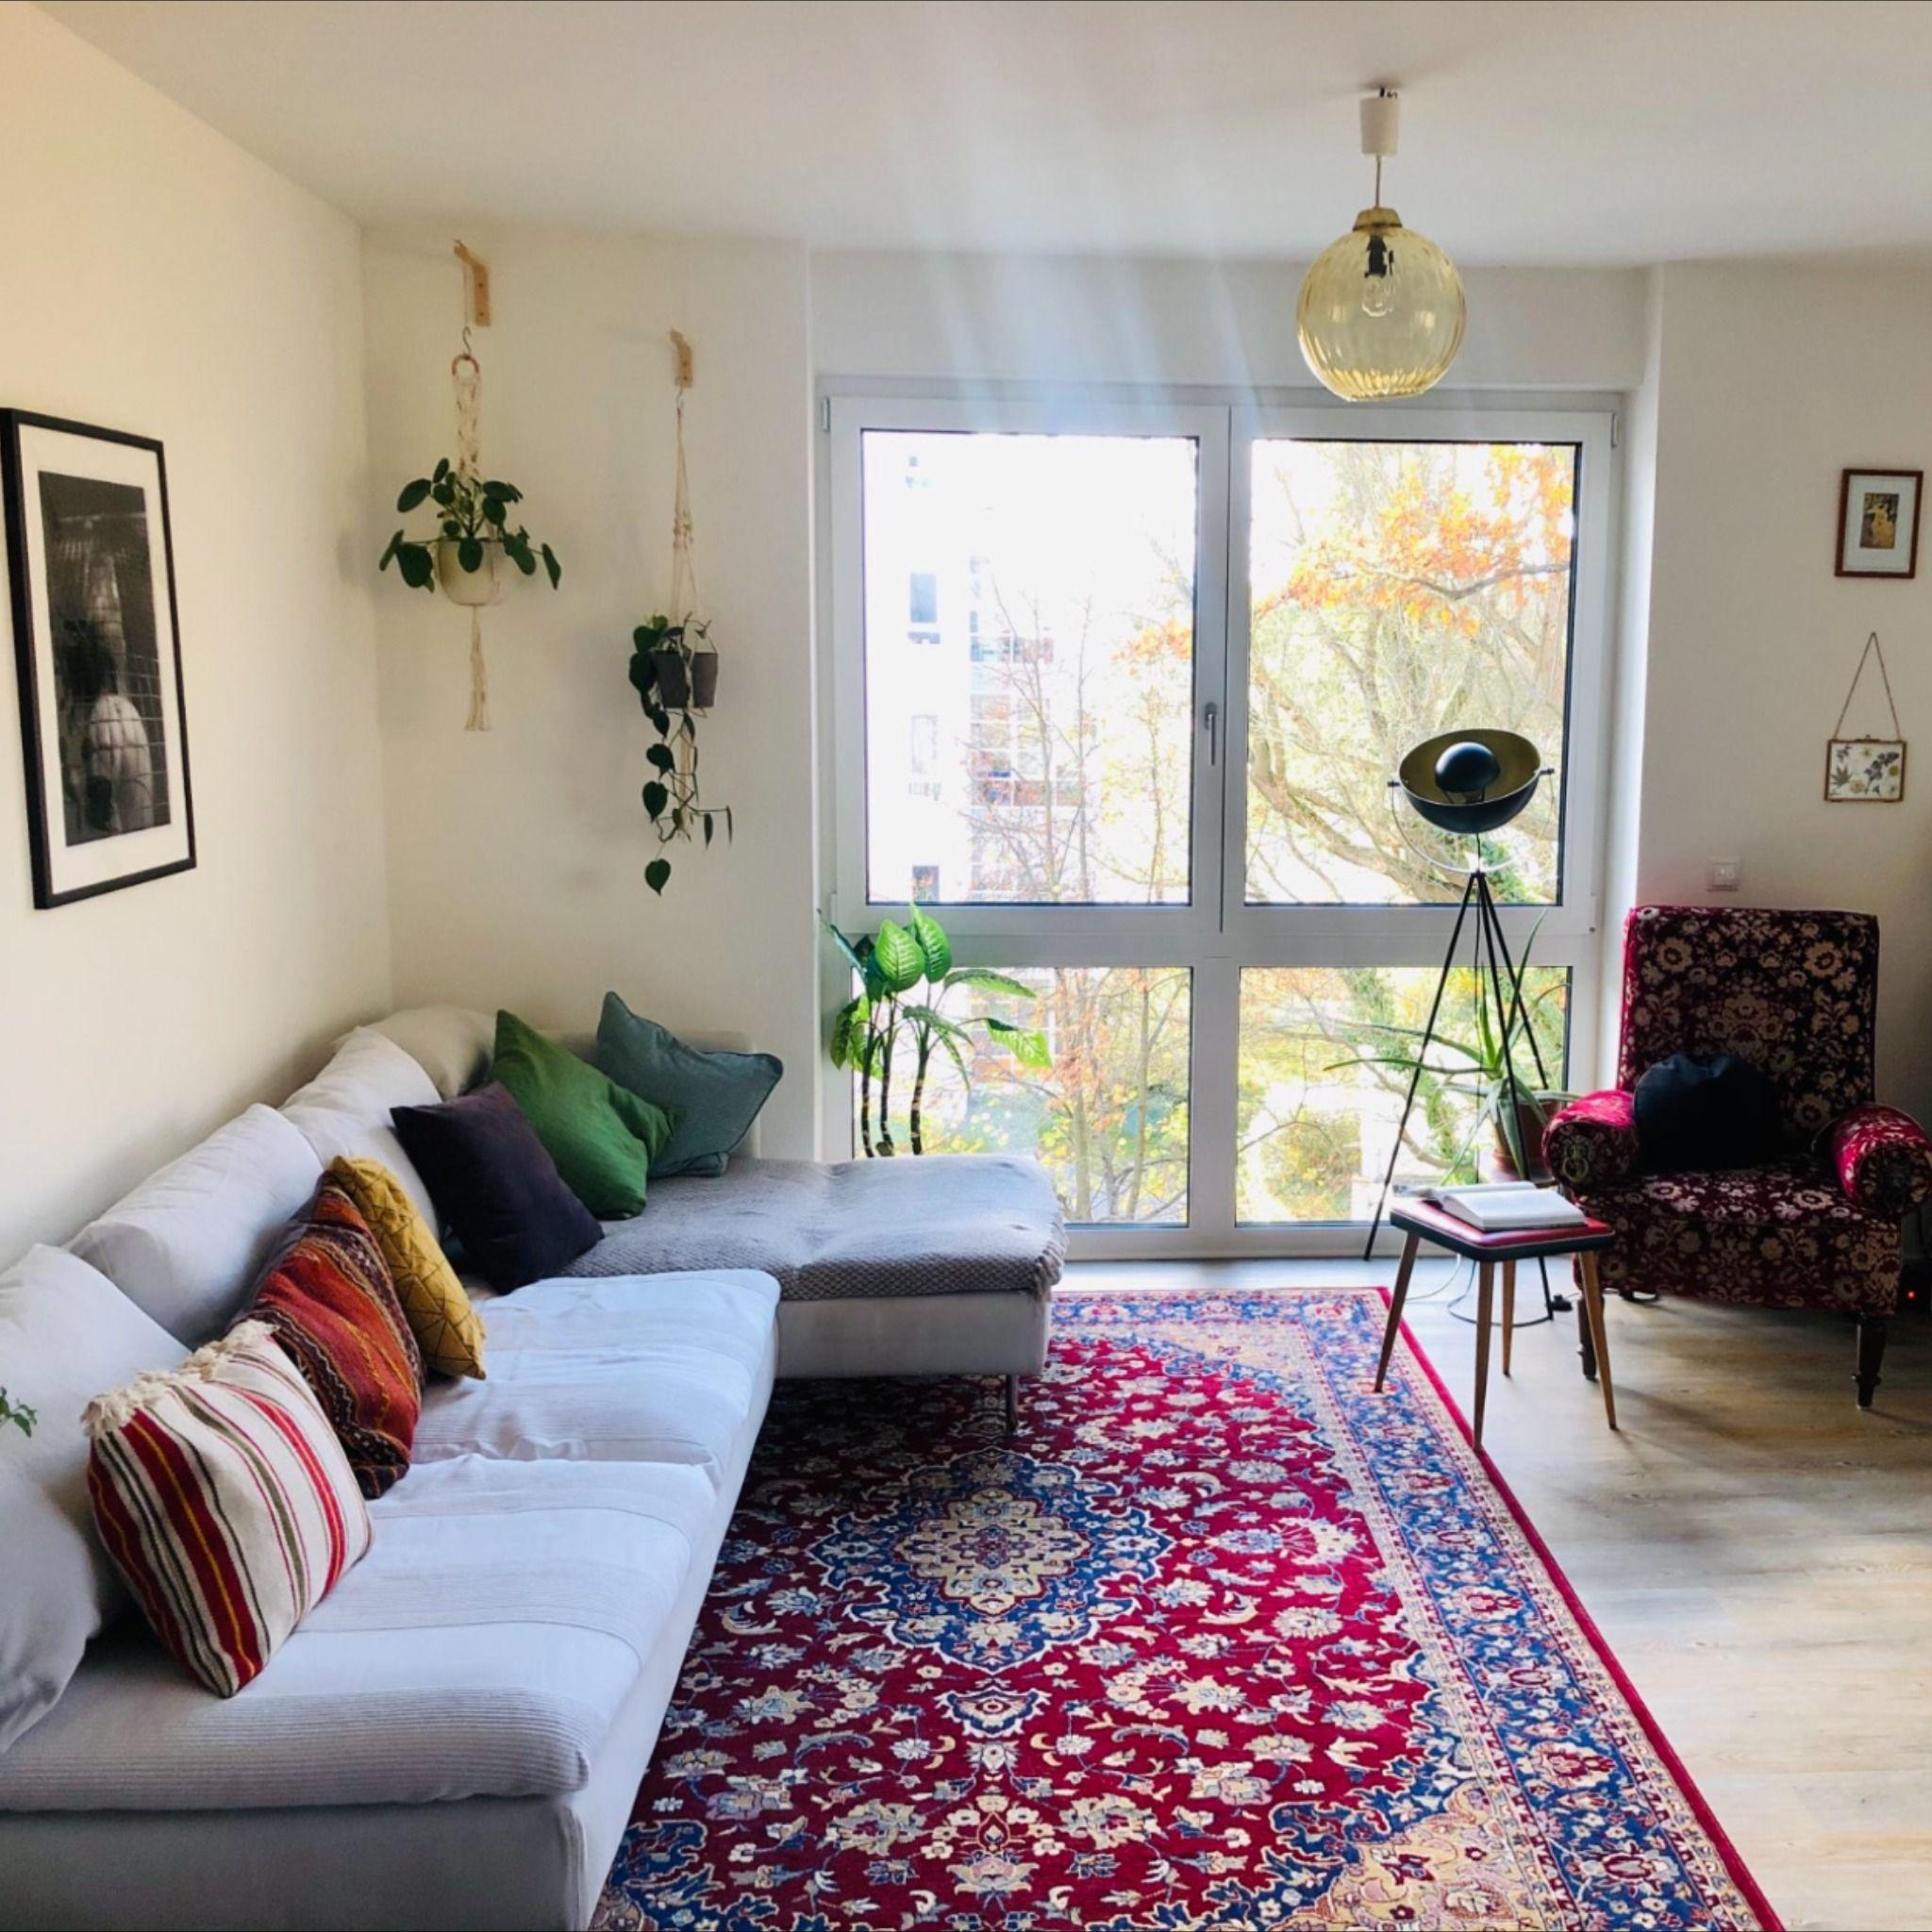 Perserteppich Im Wohnzimmer Wohnzimmer Einrichten Inspiration Wohnzimmer Einrichten Wohnzimmer